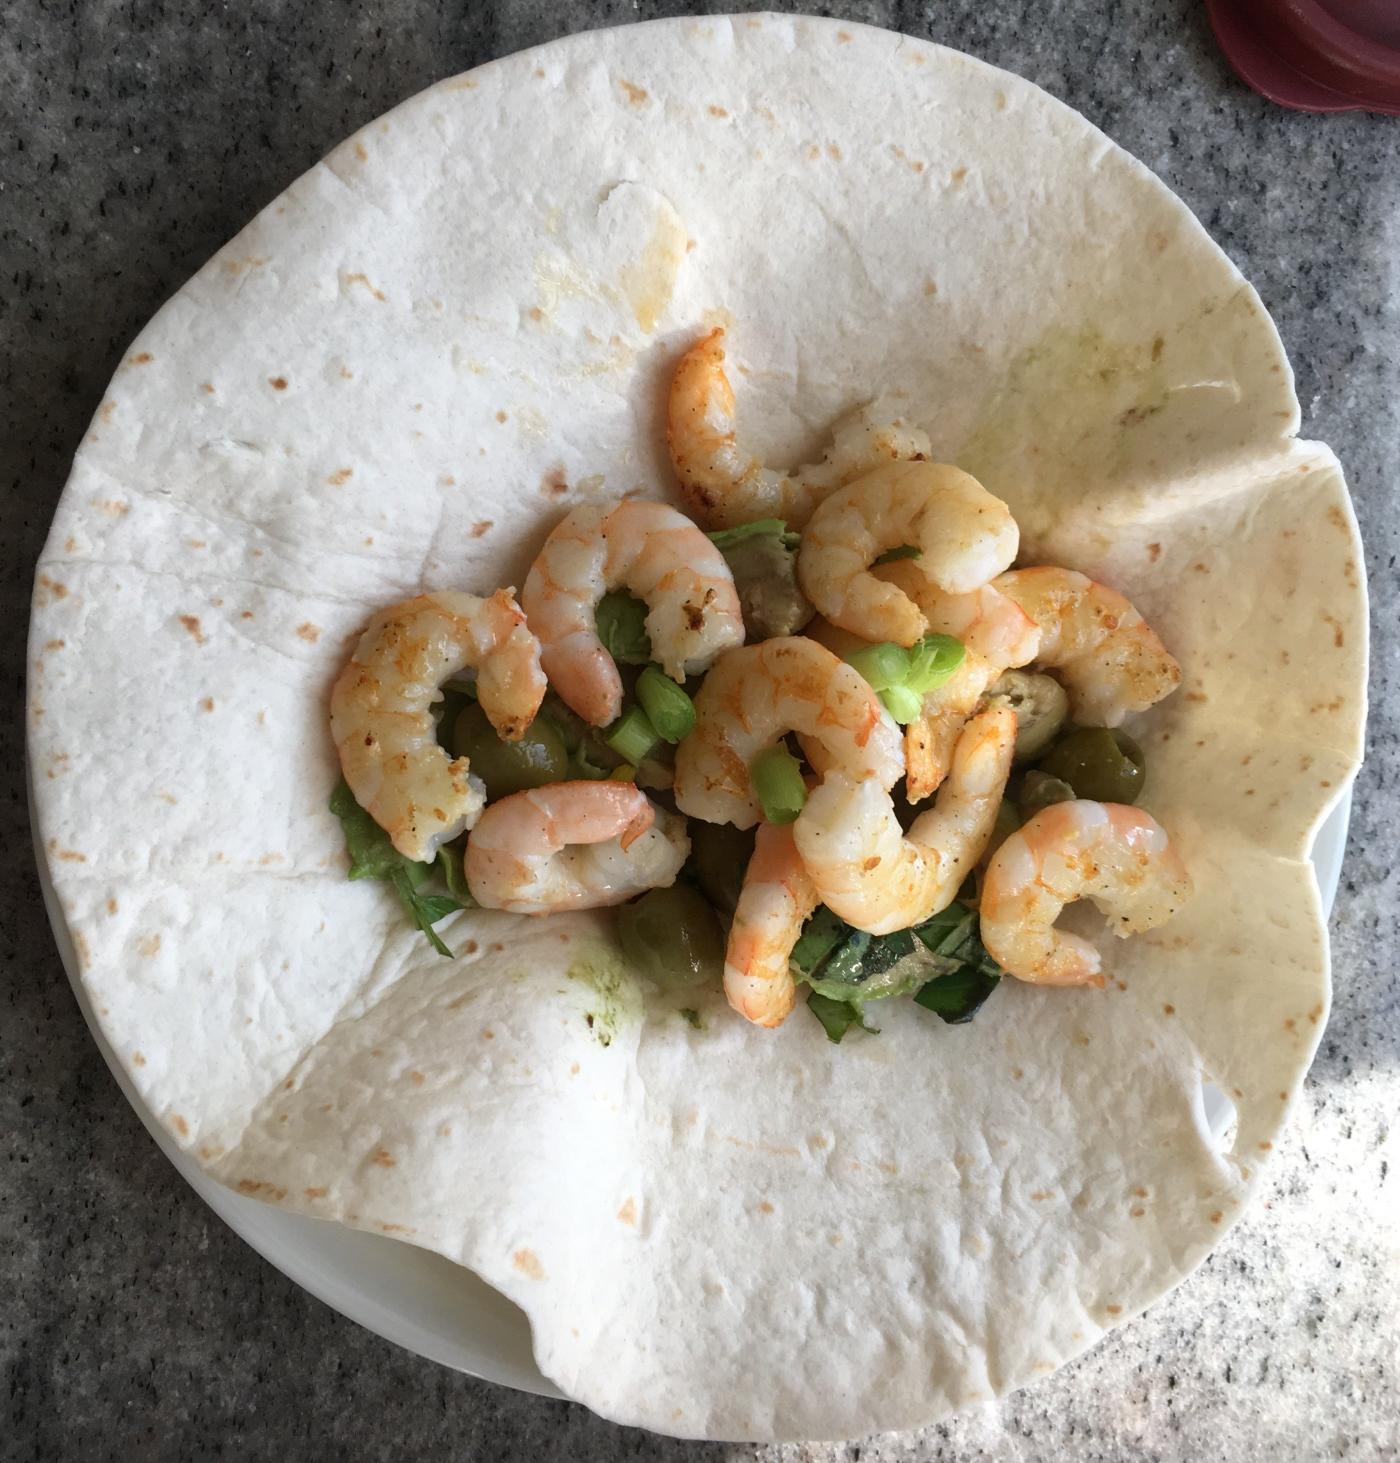 Shrimp, avocado, green garlic, basil burritos.